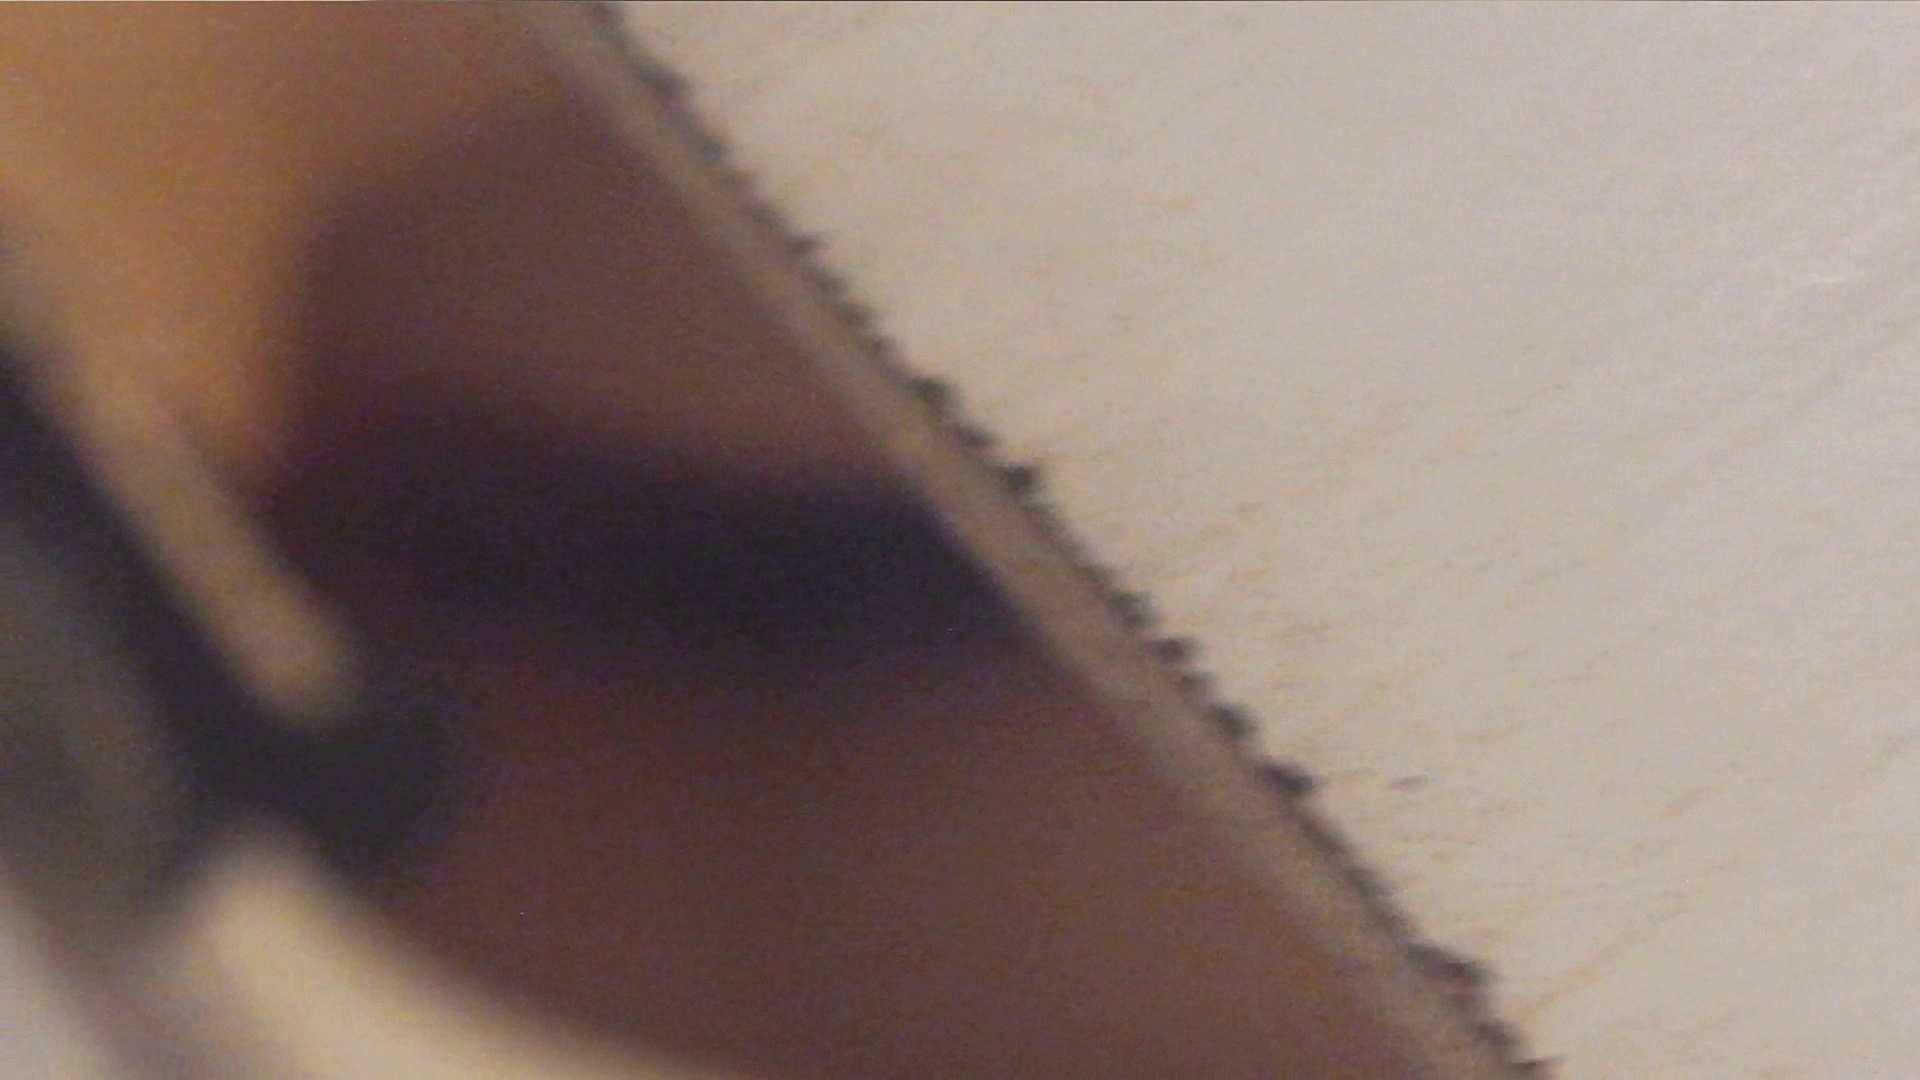 阿国ちゃんの「和式洋式七変化」No.6 洗面所 濡れ場動画紹介 61連発 30